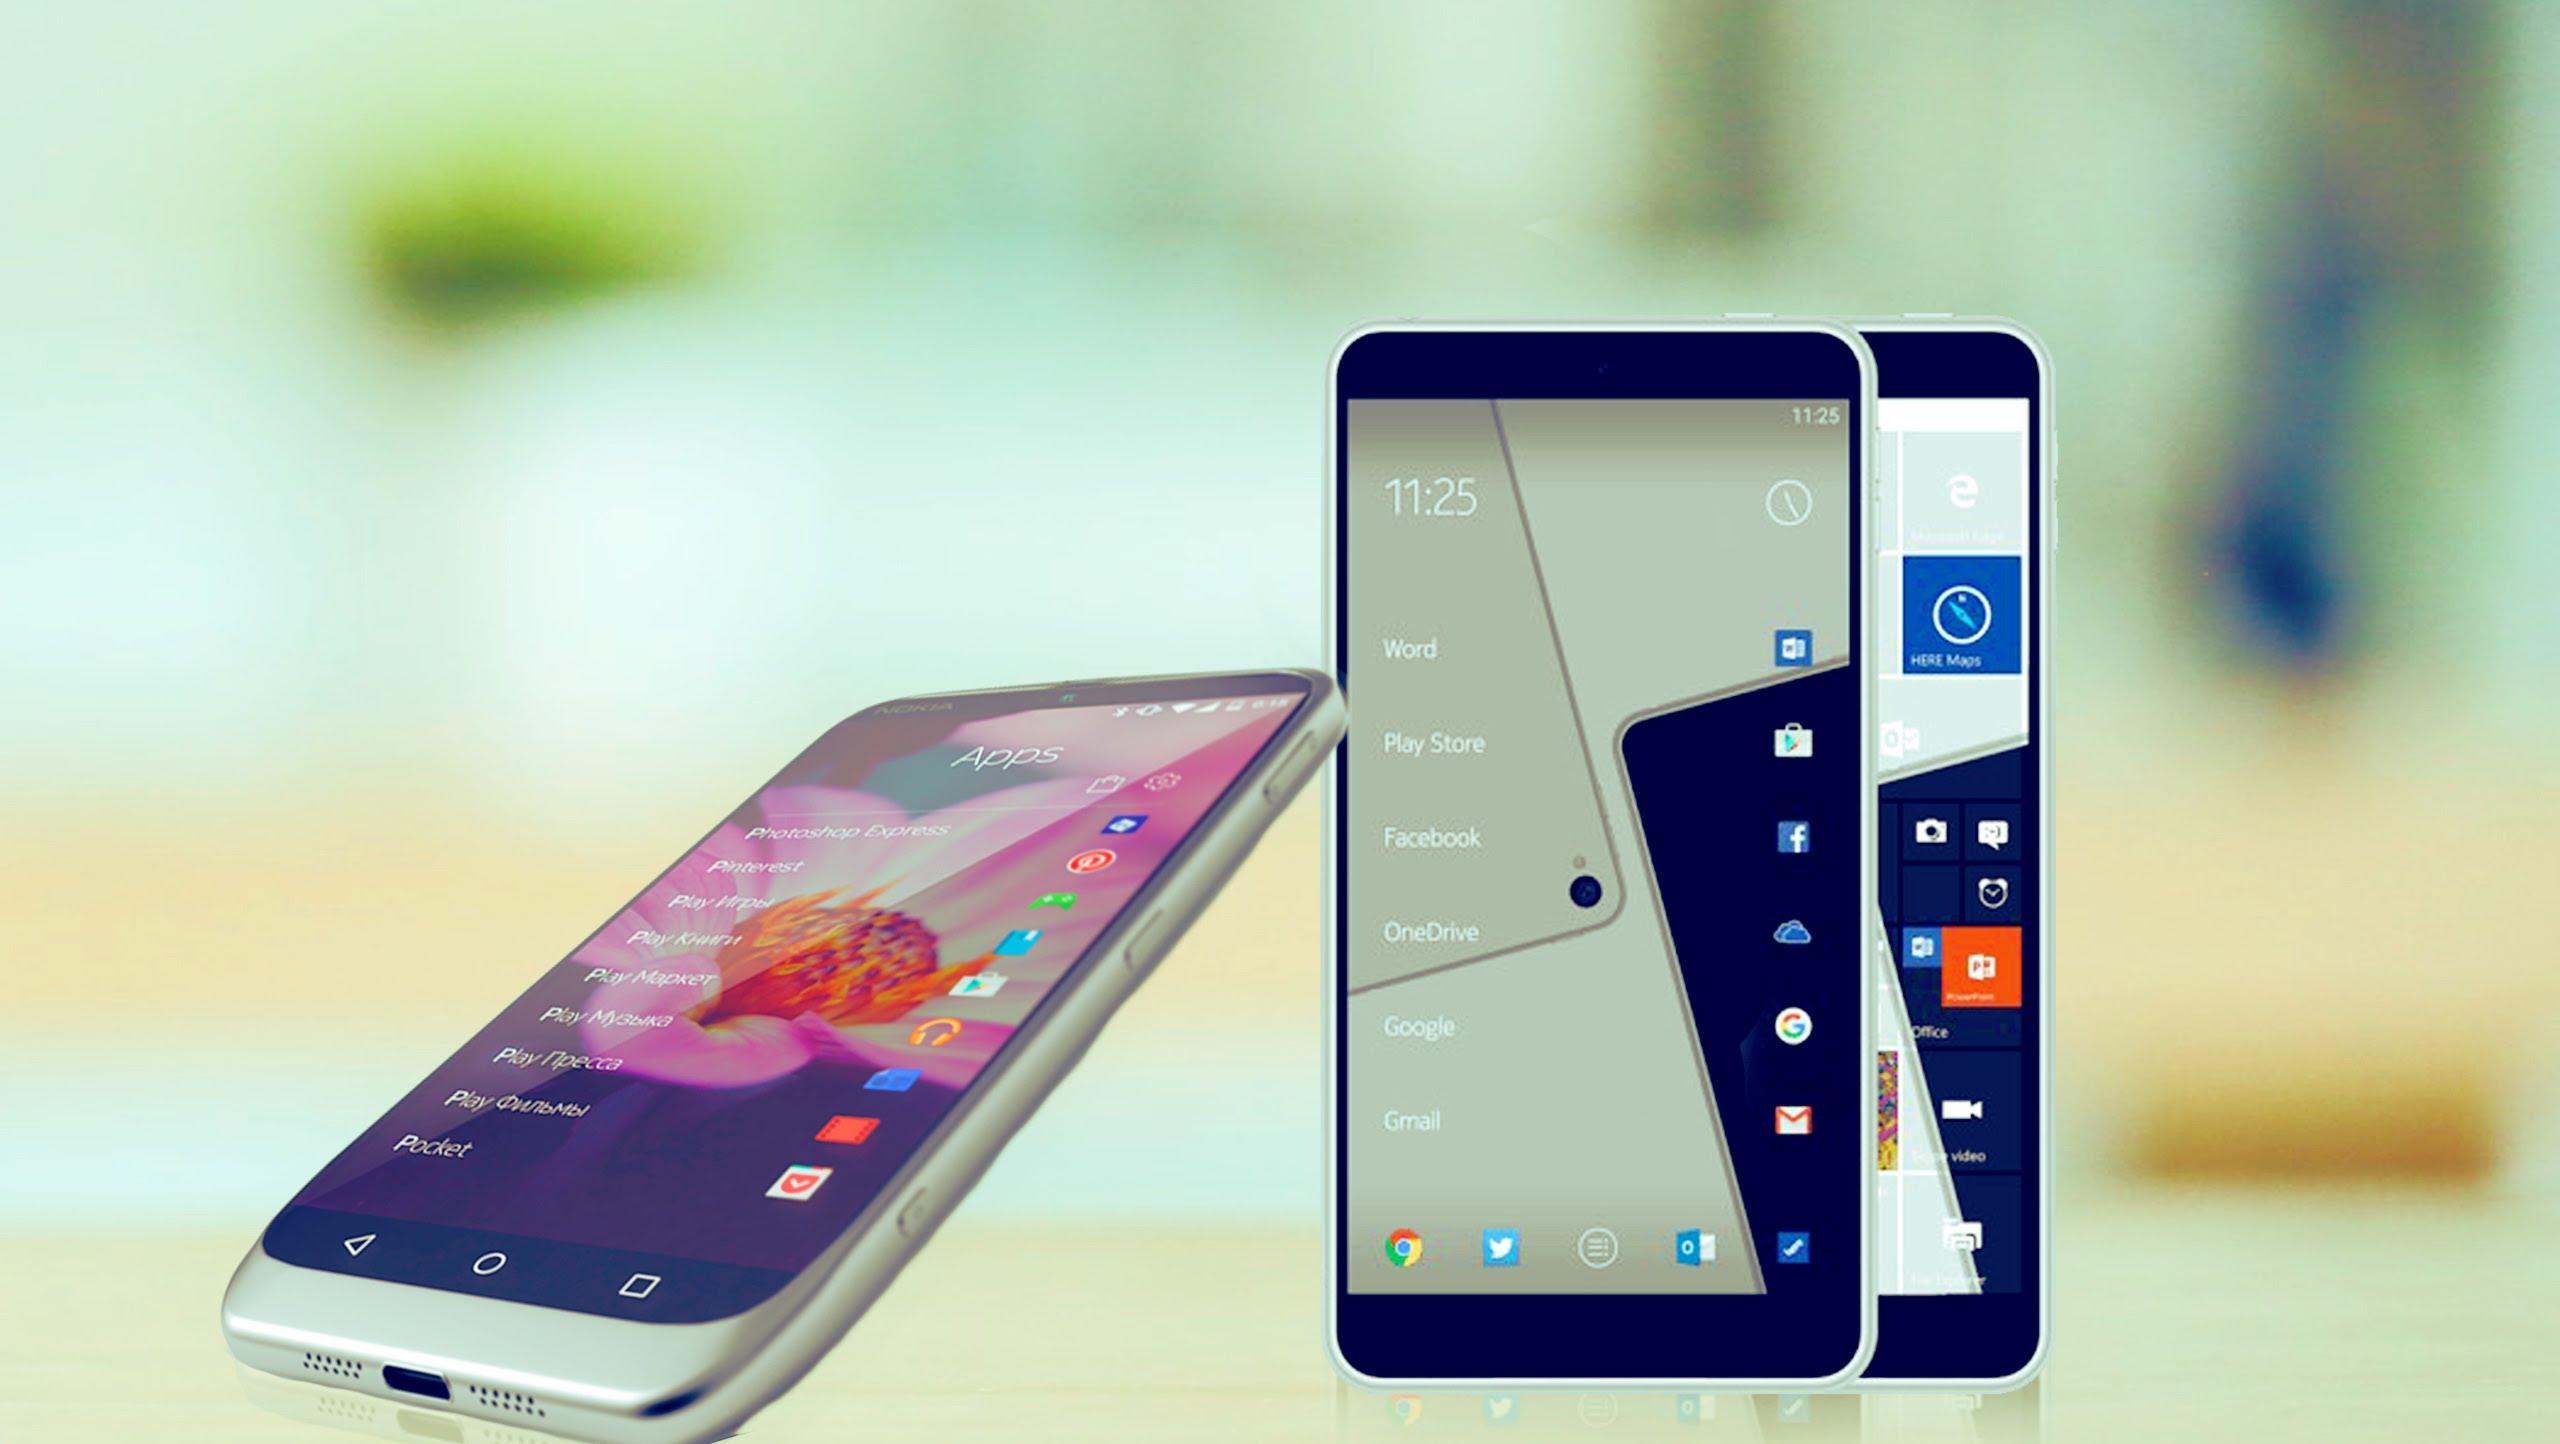 Rò rỉ thông số kỷ thuật Nokia E1